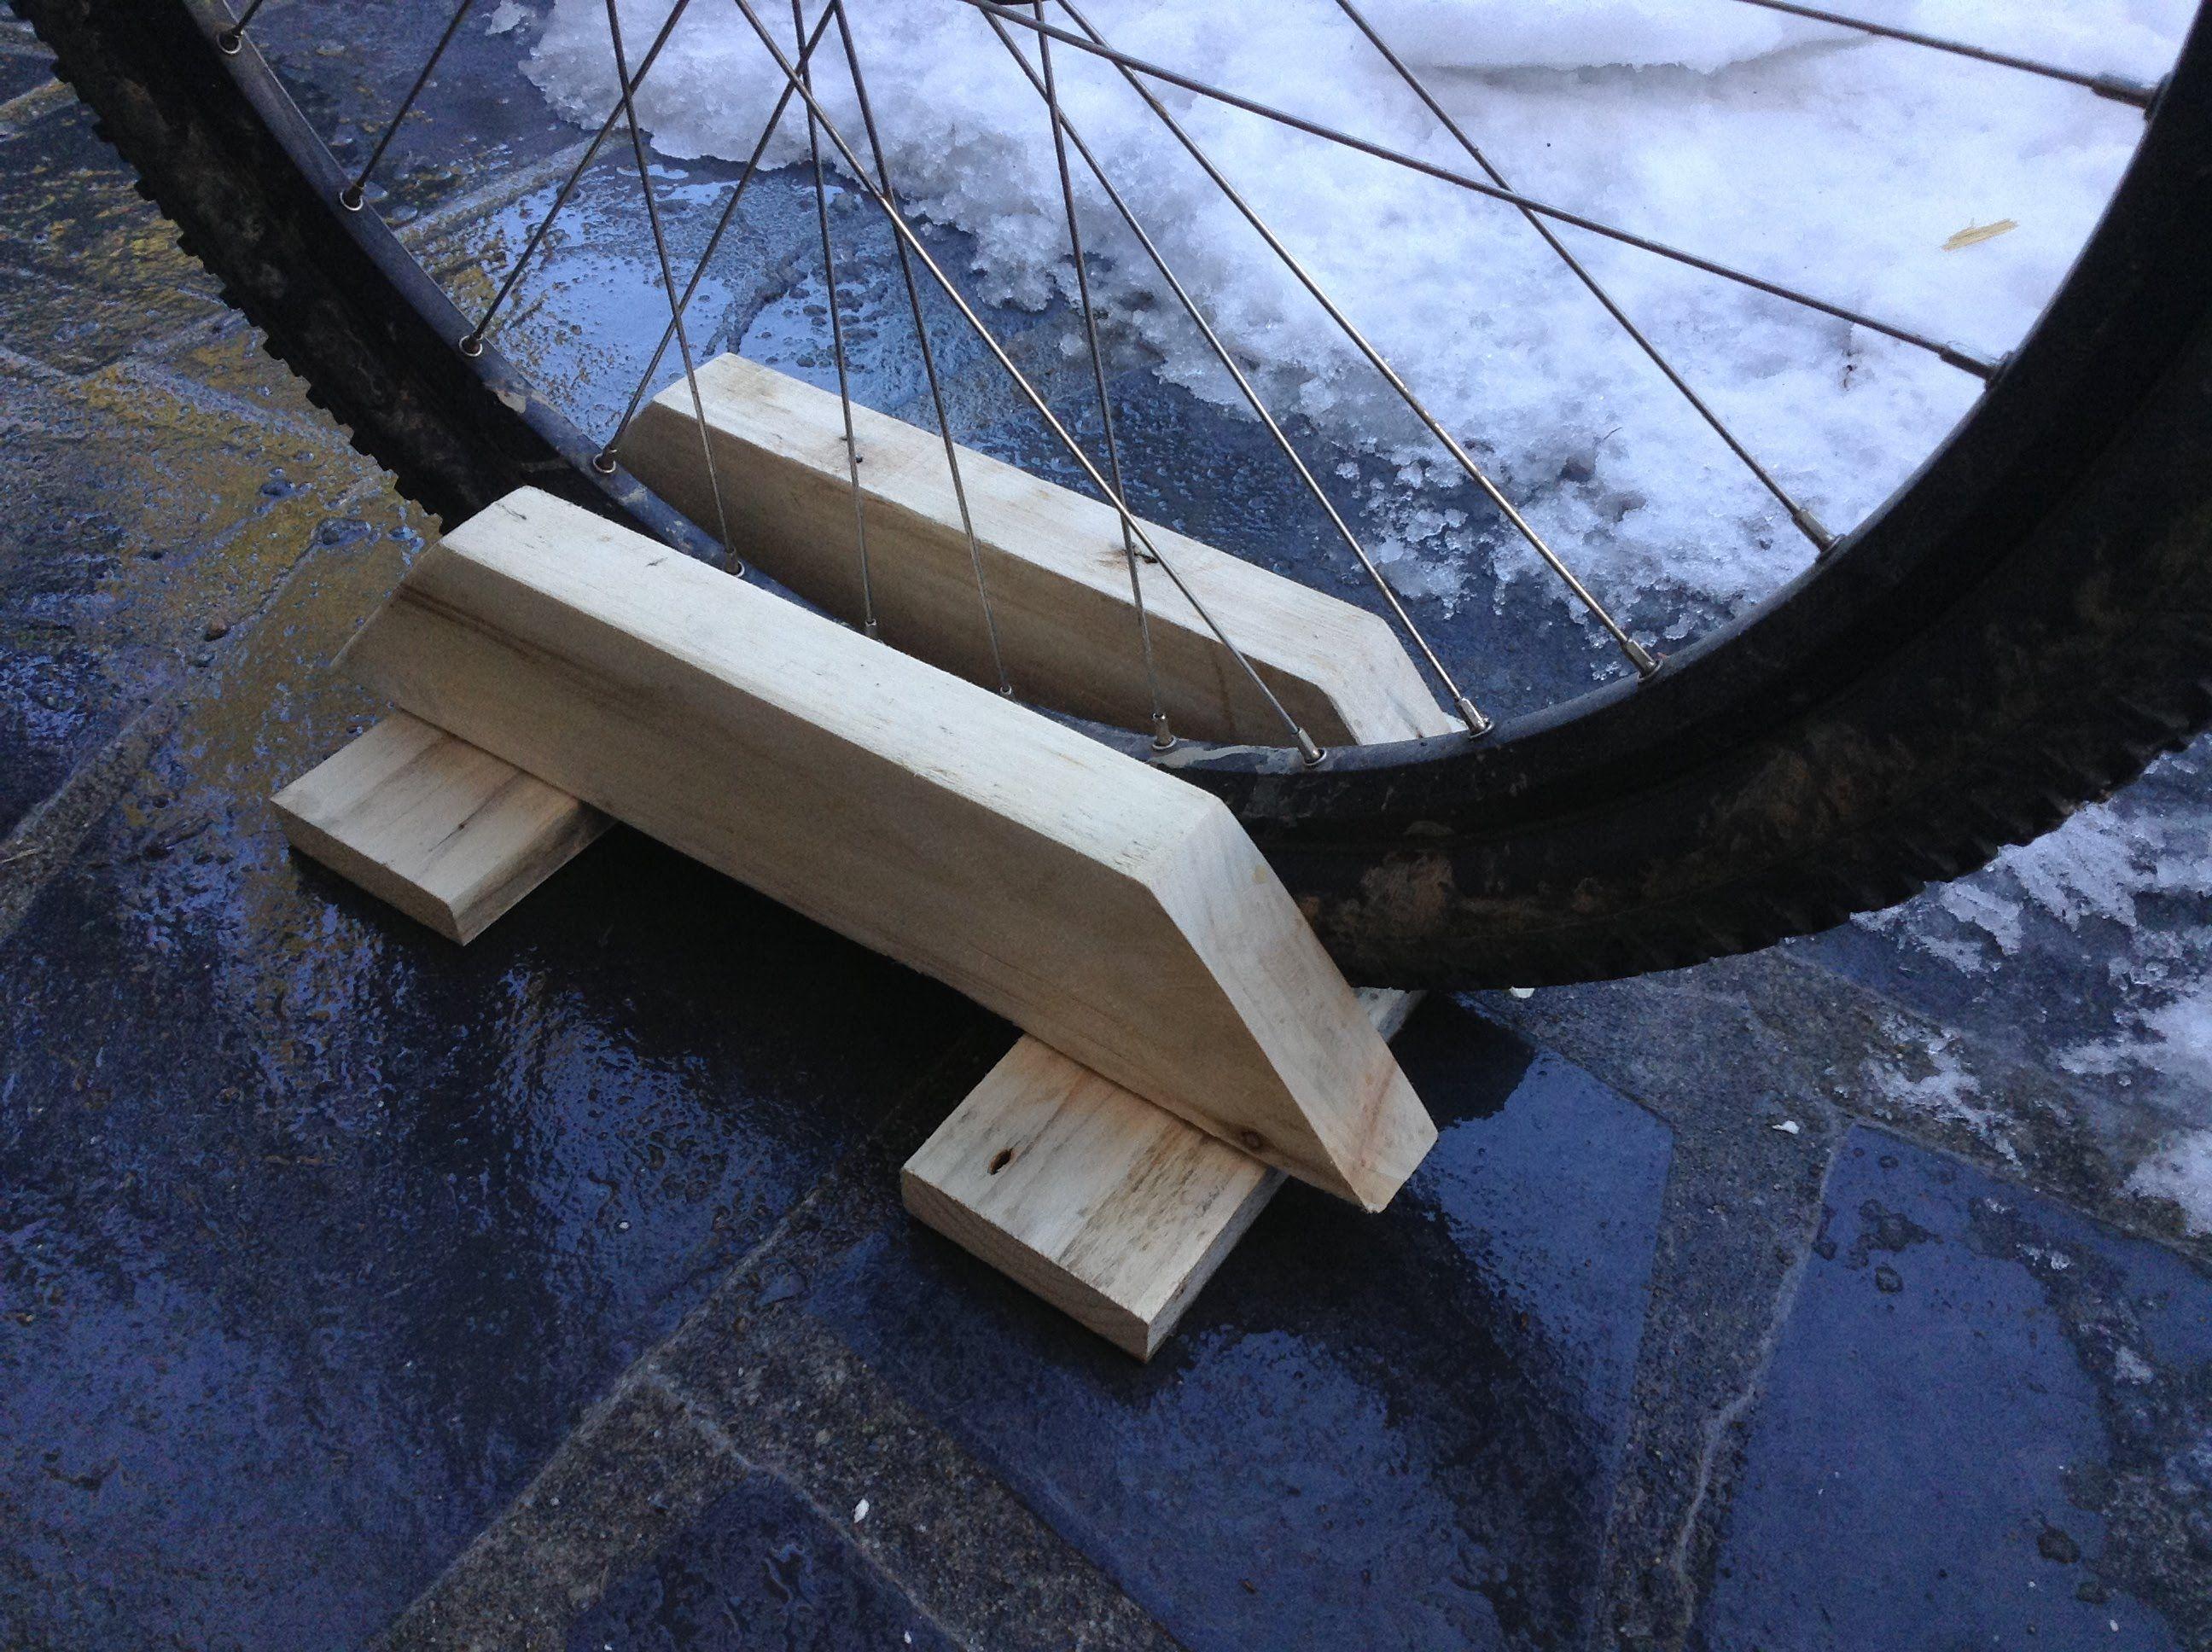 Fabriquer Un Abri Pour Velo comment fabriquer un support pour vélo | support velo, abri